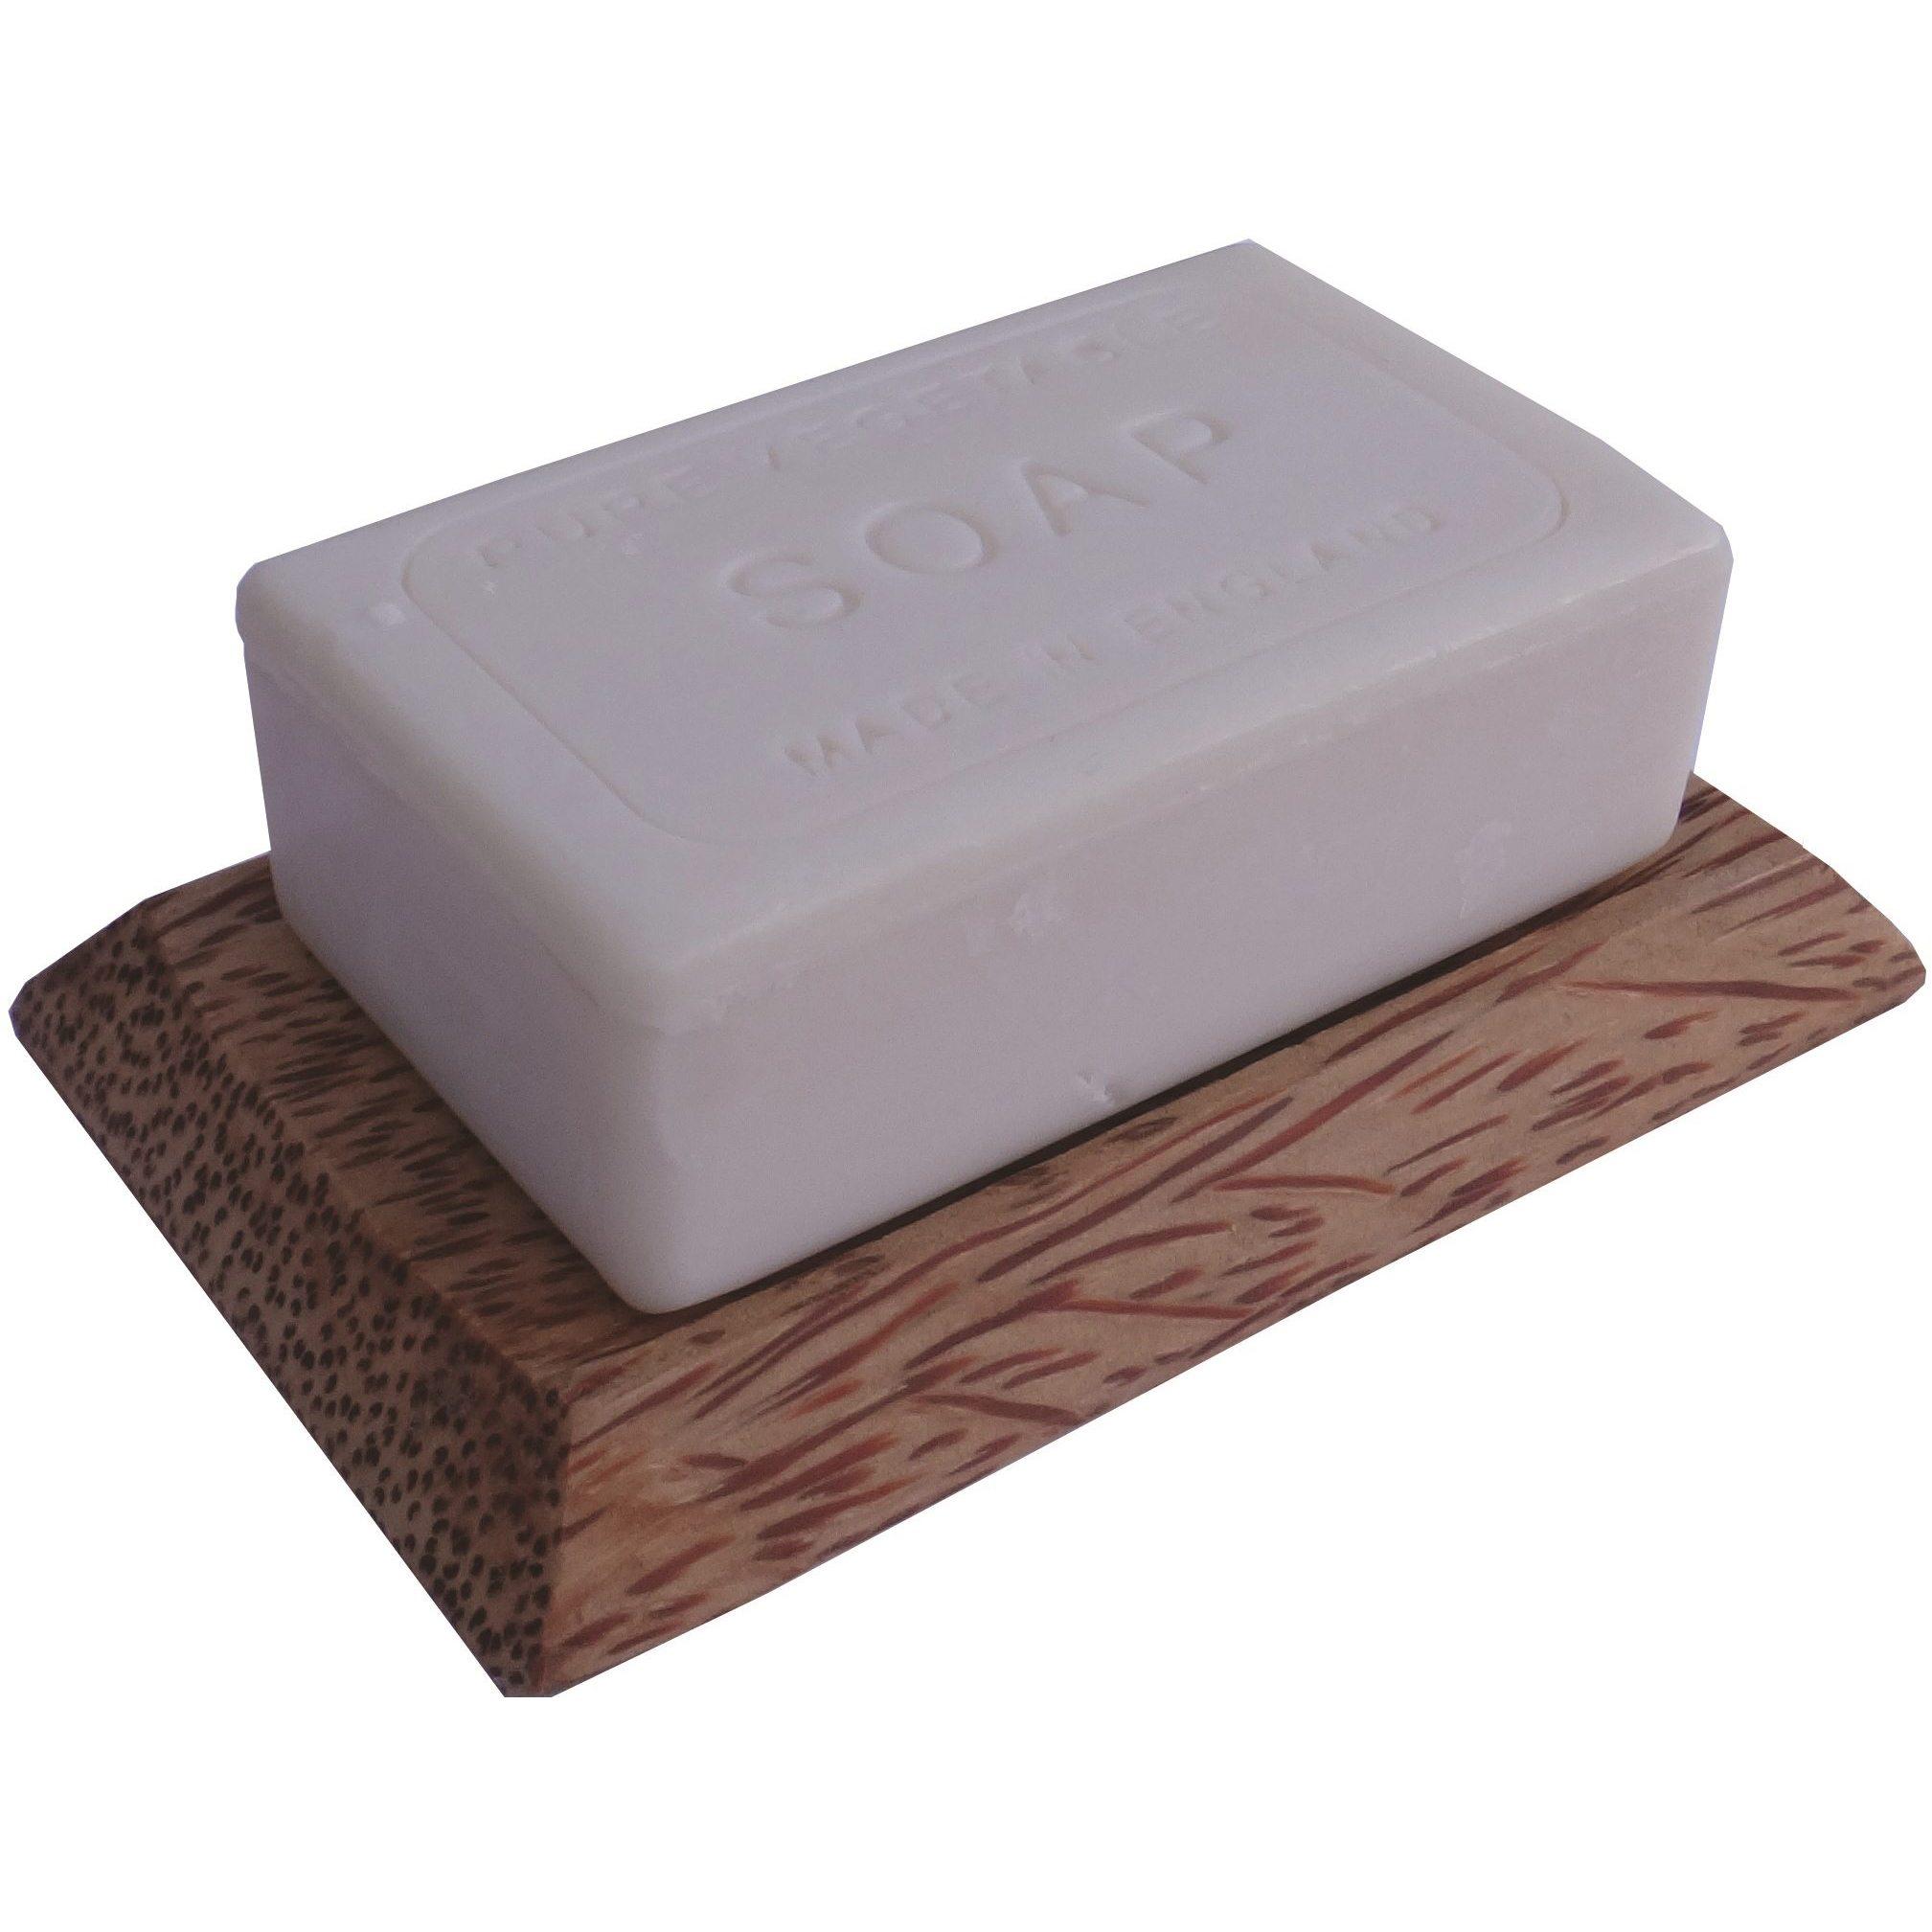 Sandalwood Vintage Wrapped Soap